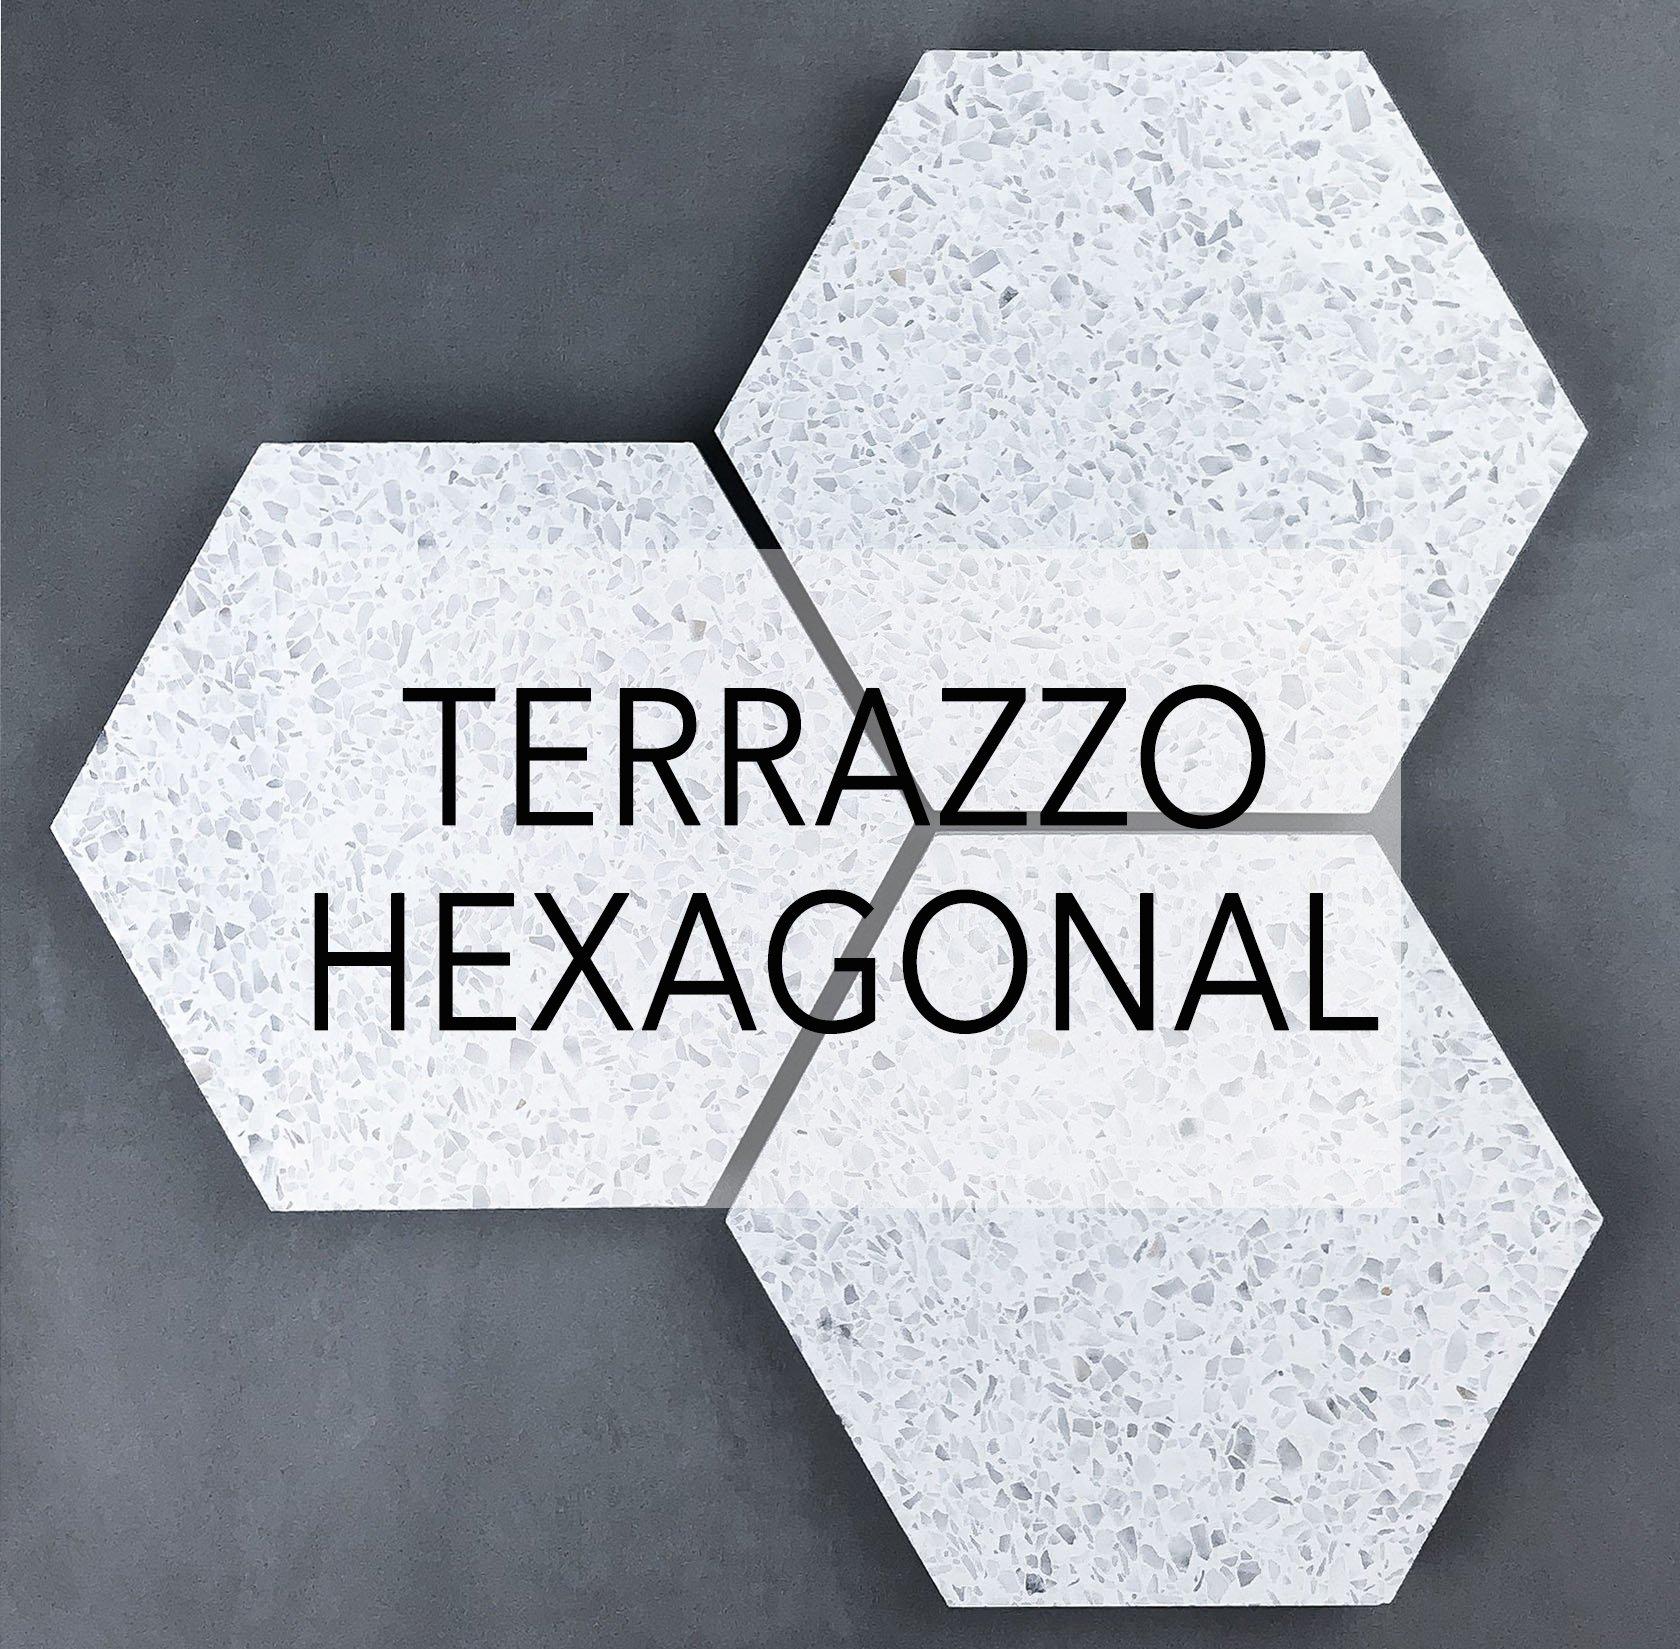 Terrazzo Hexagonal cement tiles